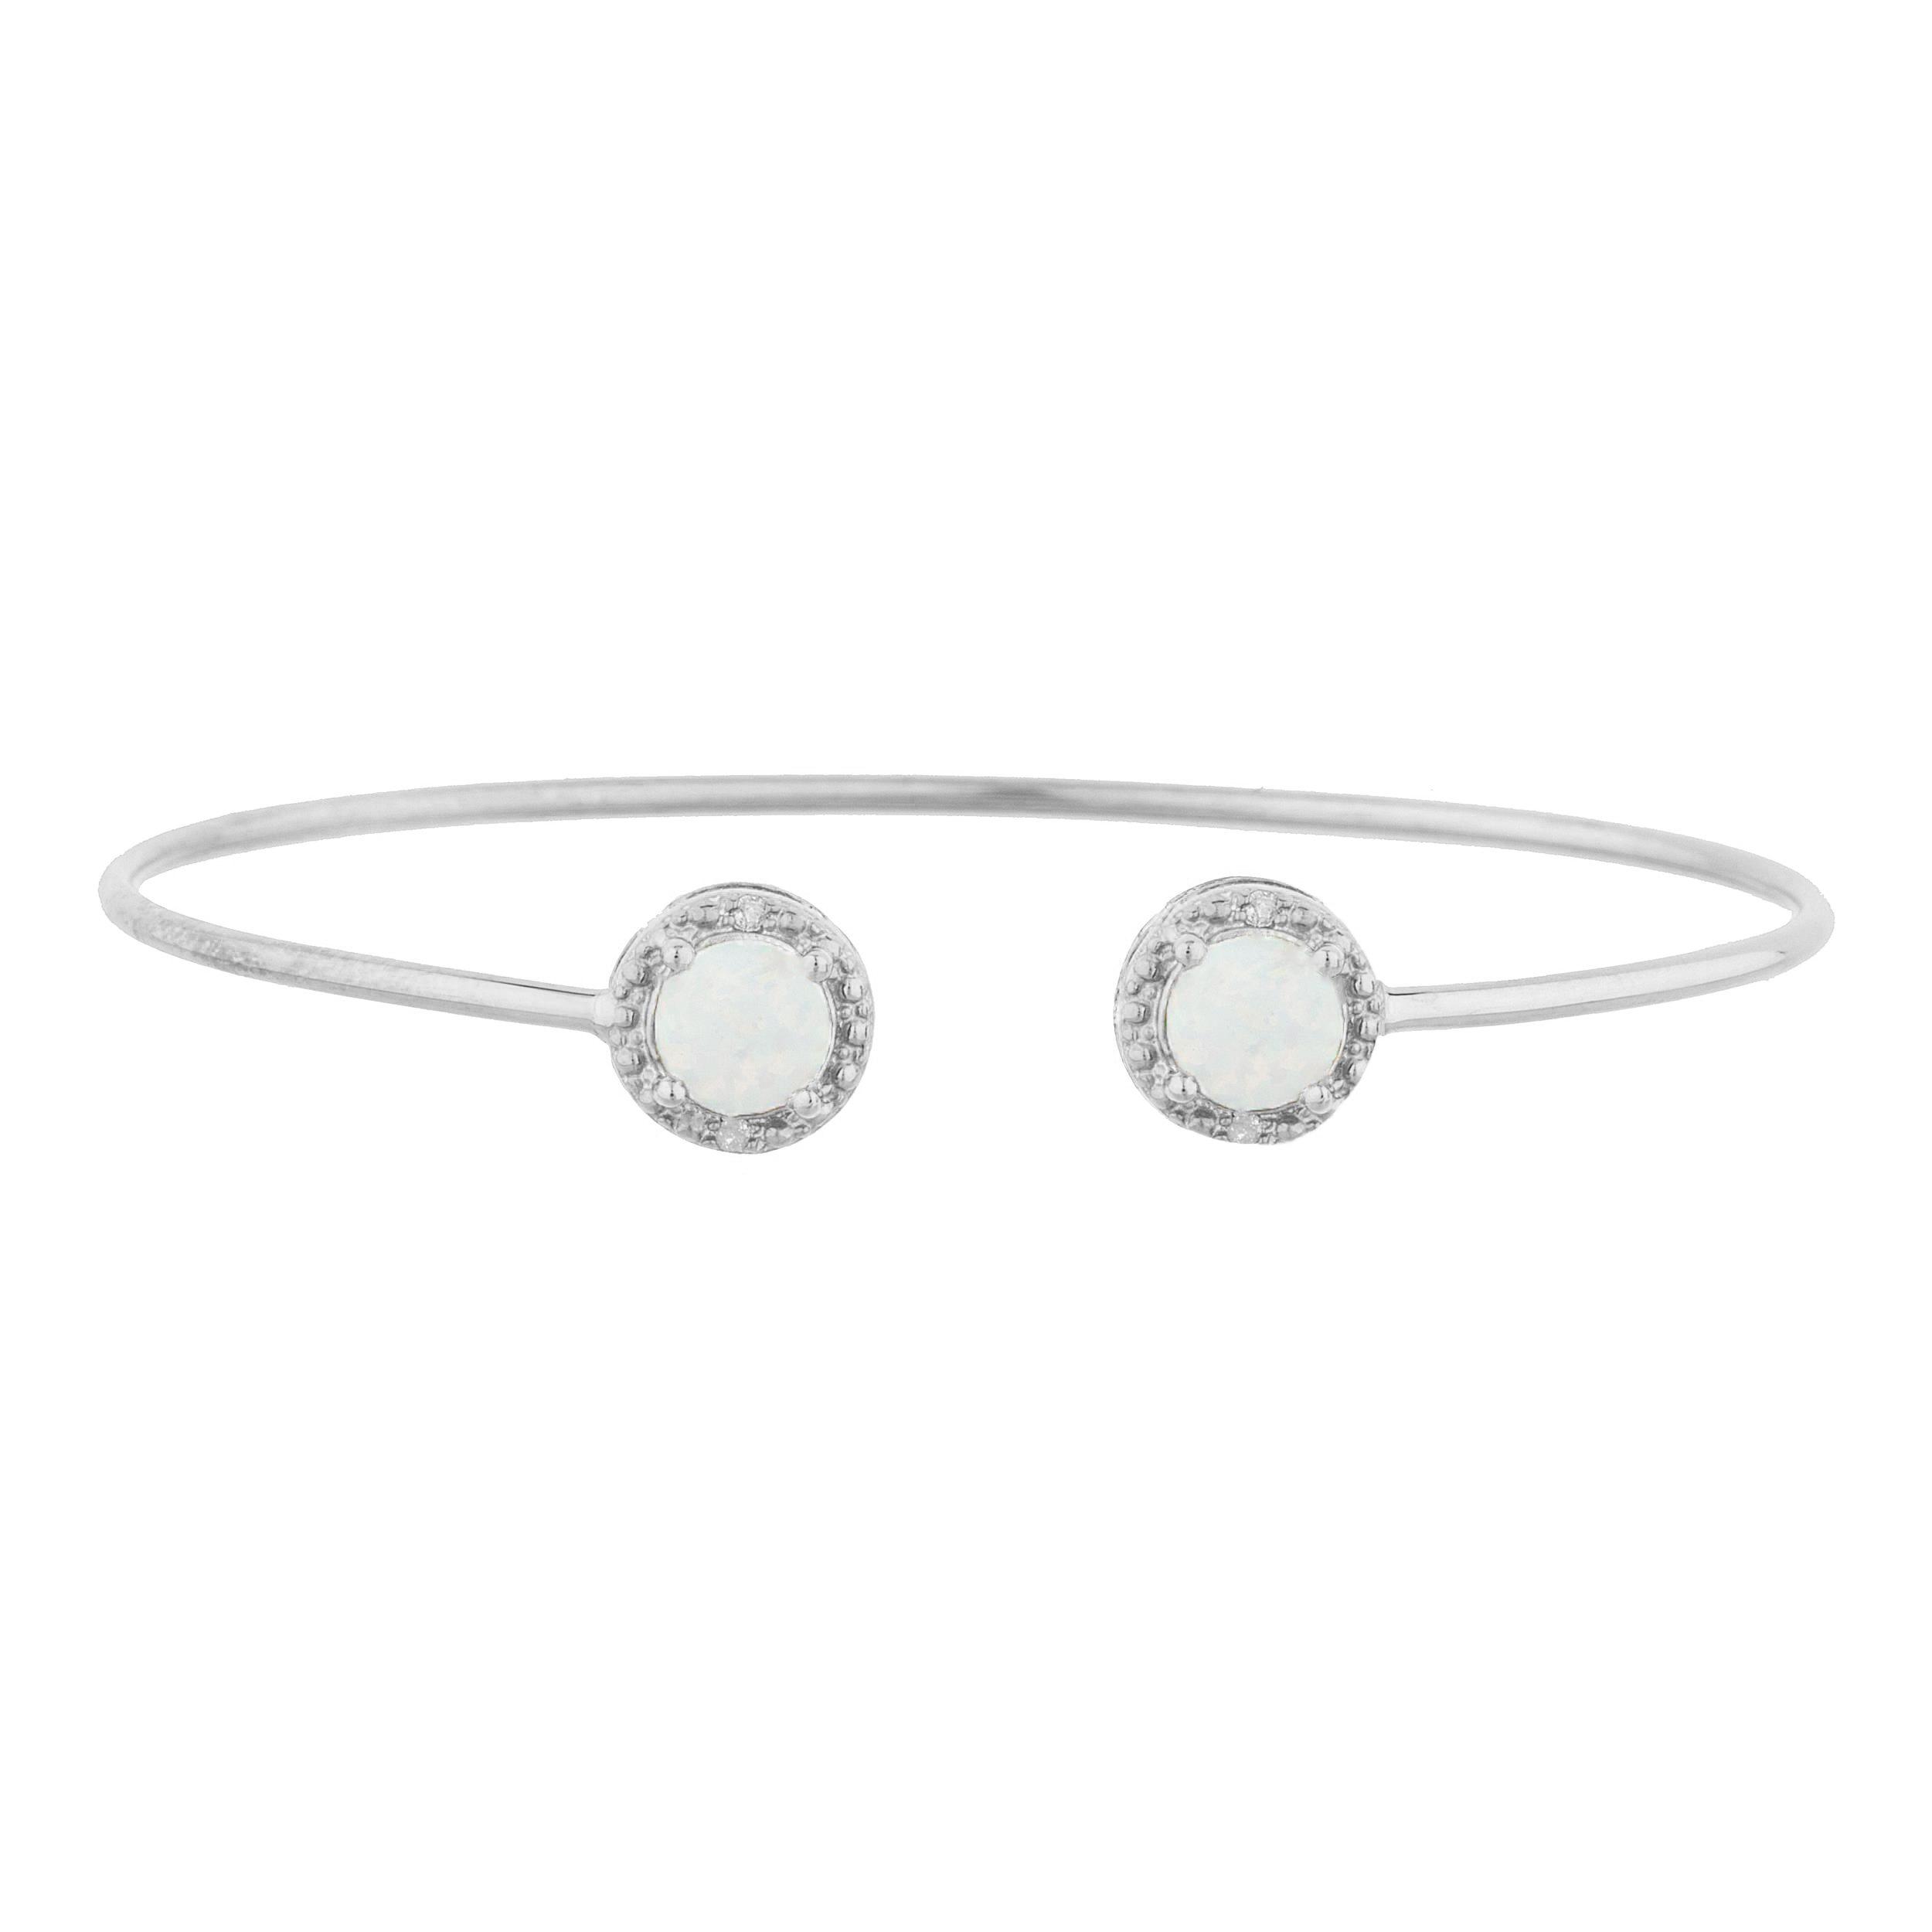 Genuine Opal & Diamond Round Bangle Bracelet .925 Sterling Silver by Tourmaline Bracelets